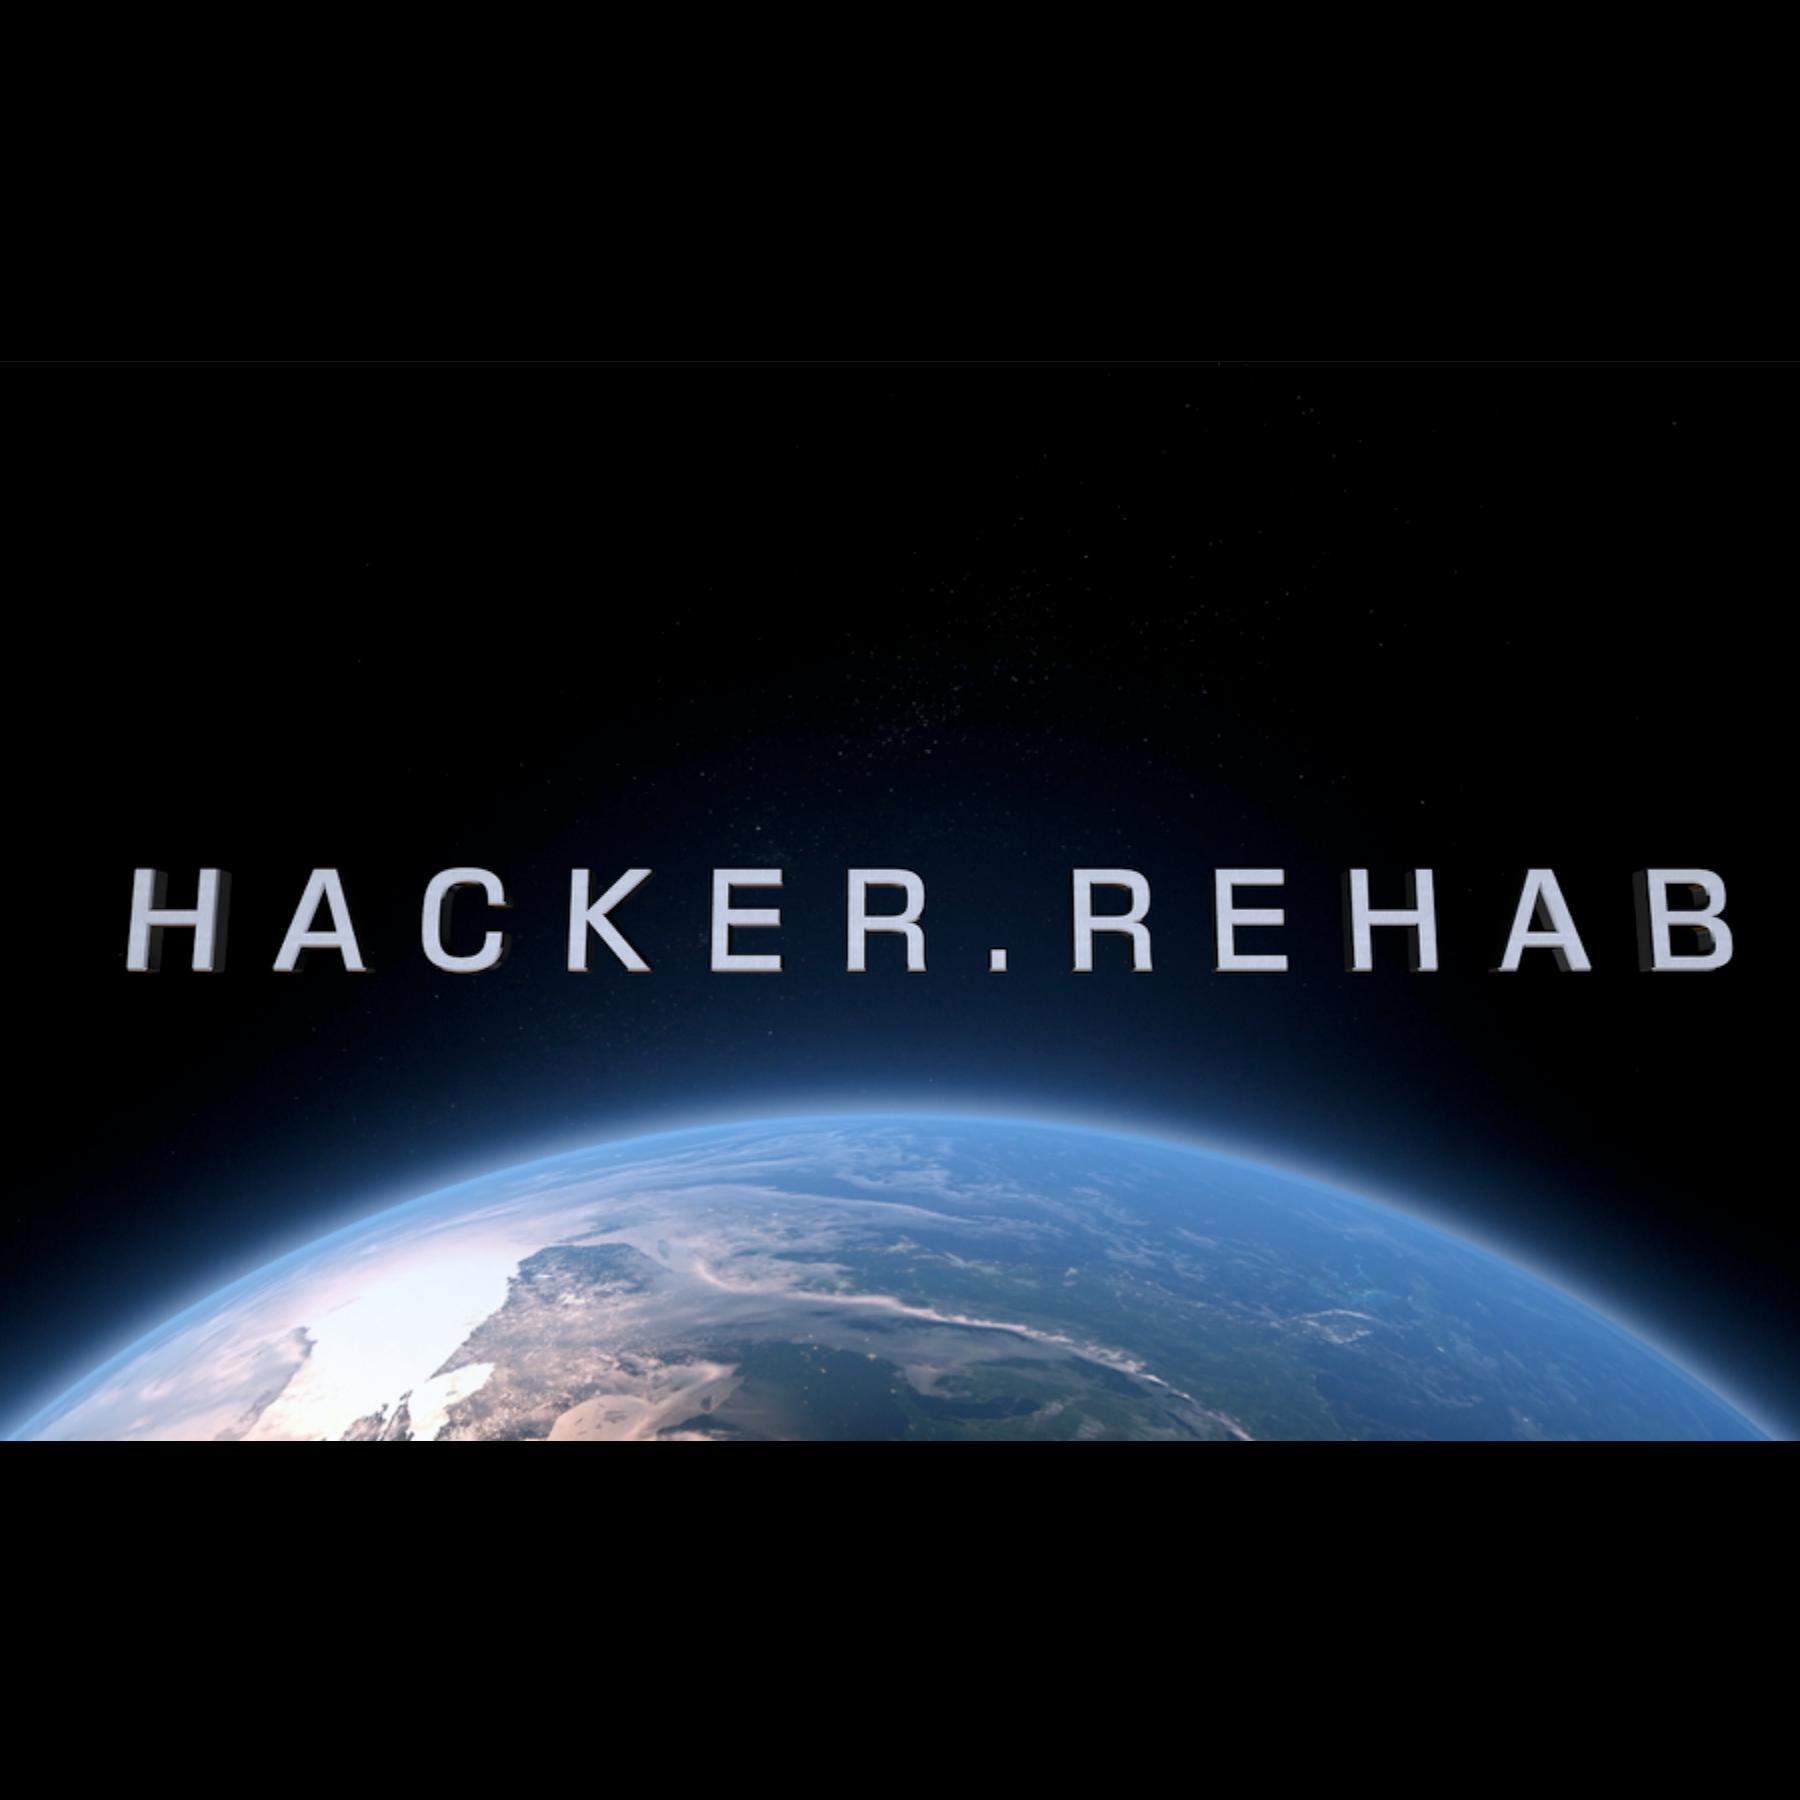 HACKER_REHAB